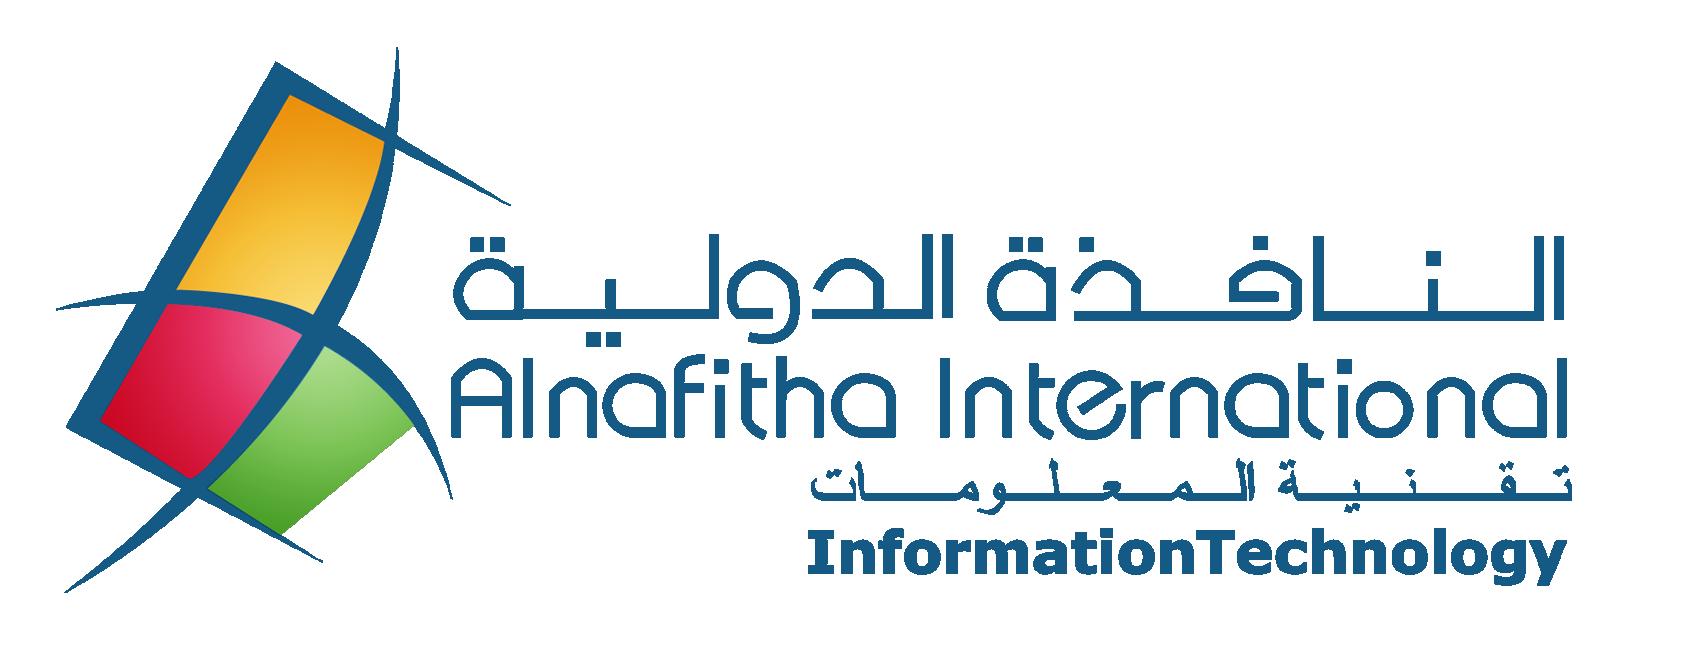 Alnafitha's logo (Original)